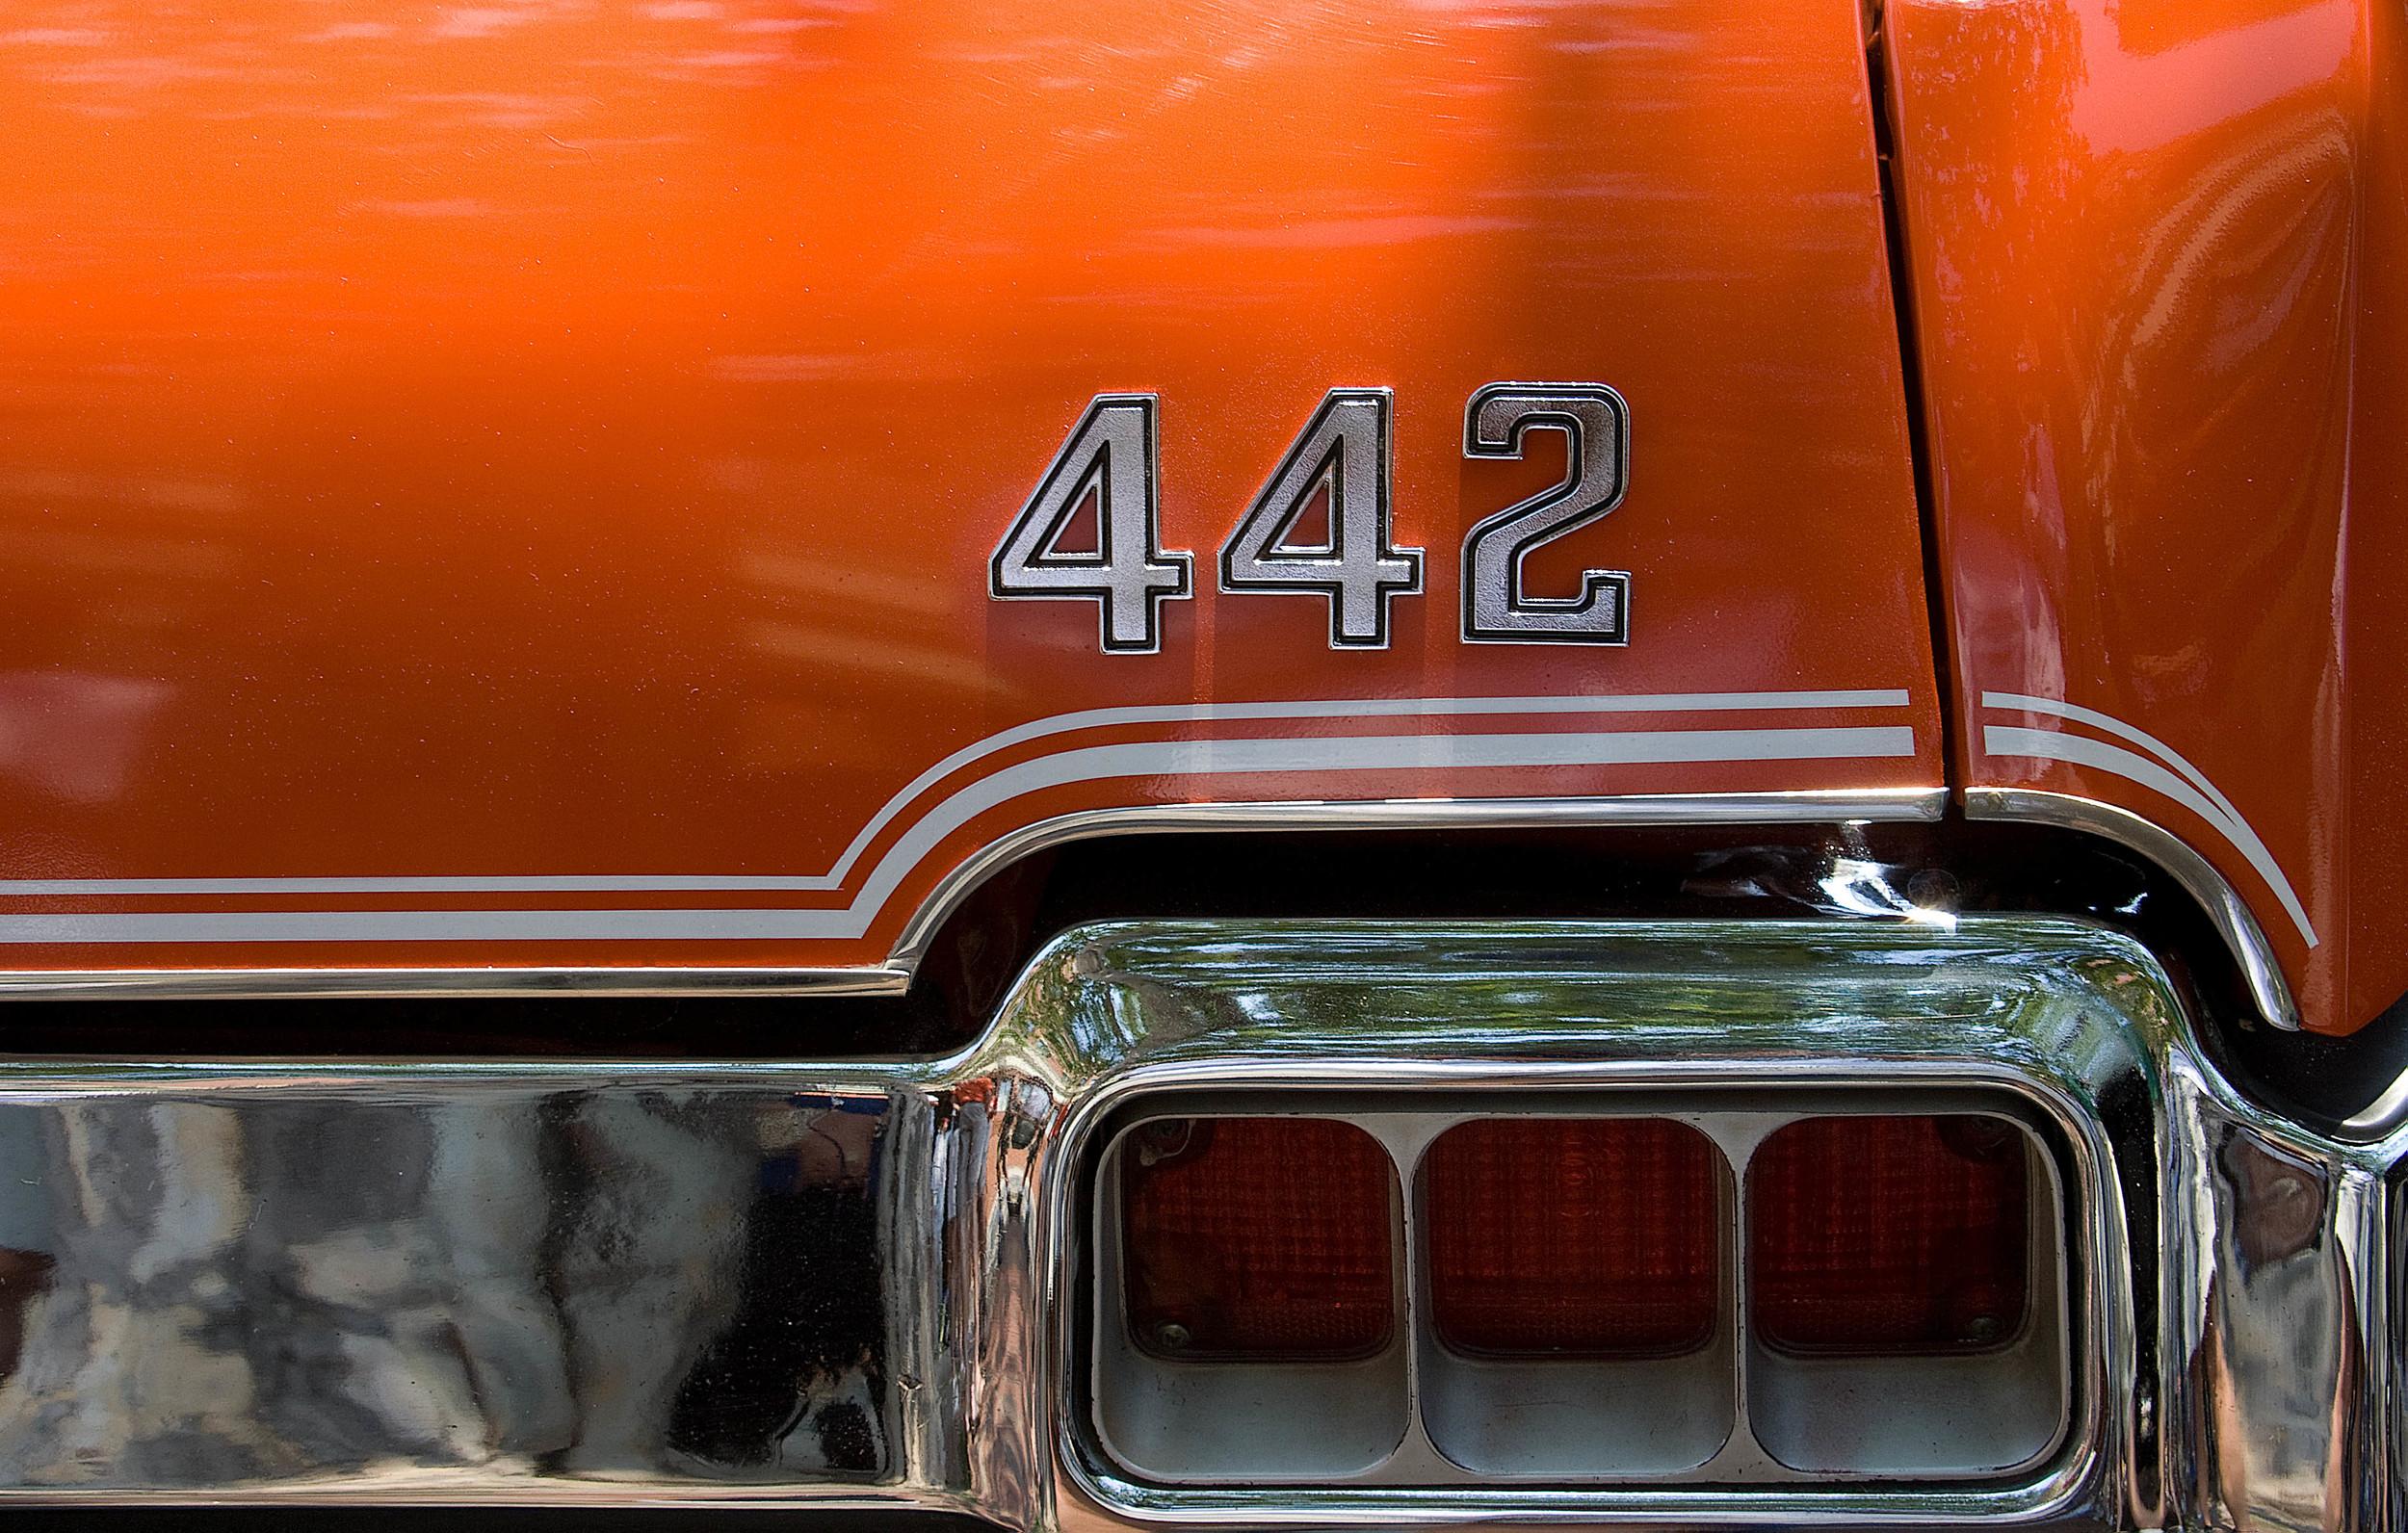 Red 442.jpg